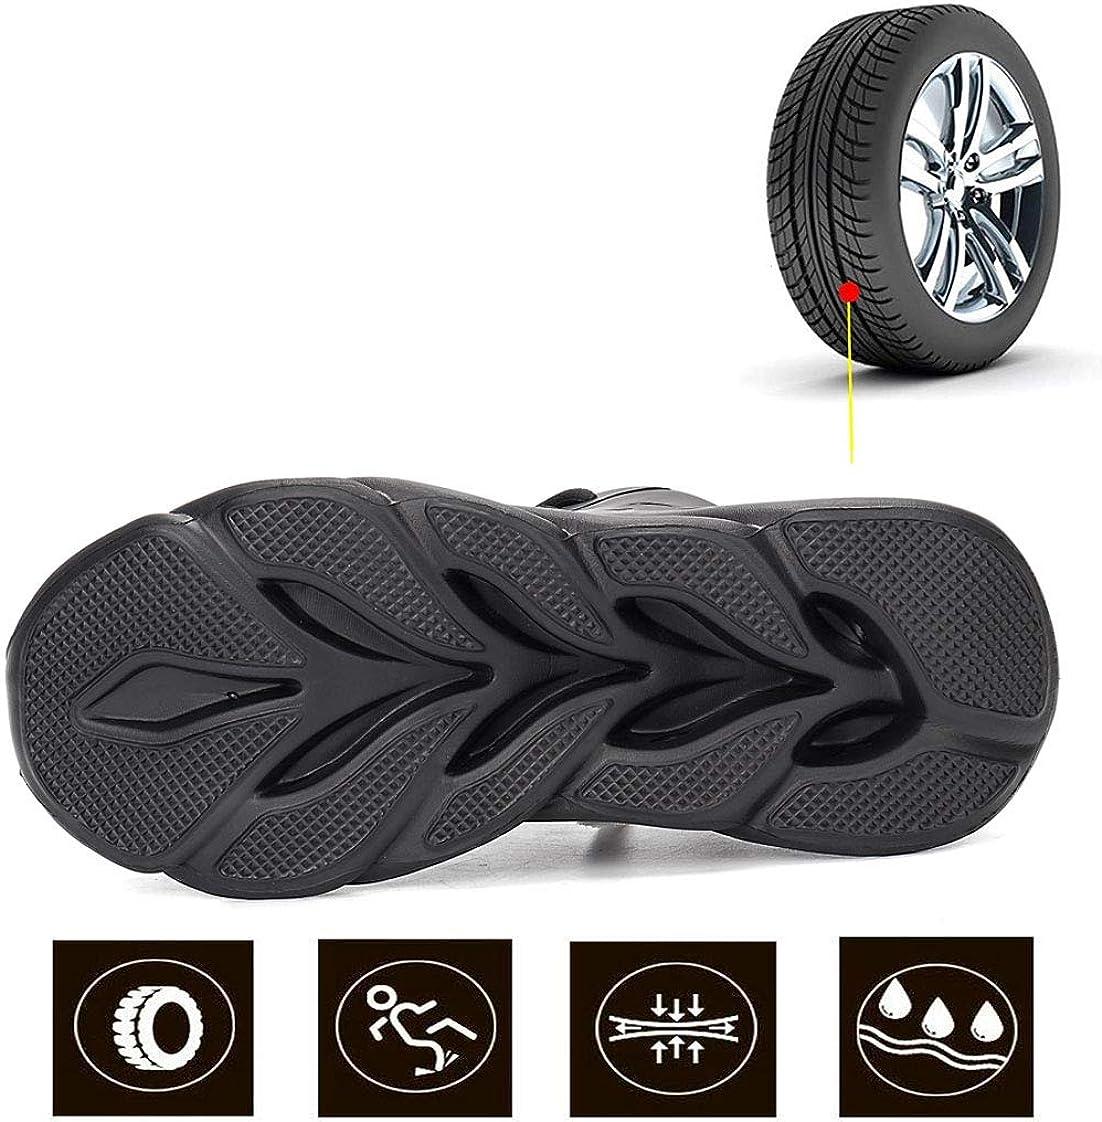 YHHF S3 Chaussure de Securit/é Homme Femmes Poids l/éger Chaussures de Travail Basket de Sports avec Embout de Protection en Acier Bottes Taille 36-48